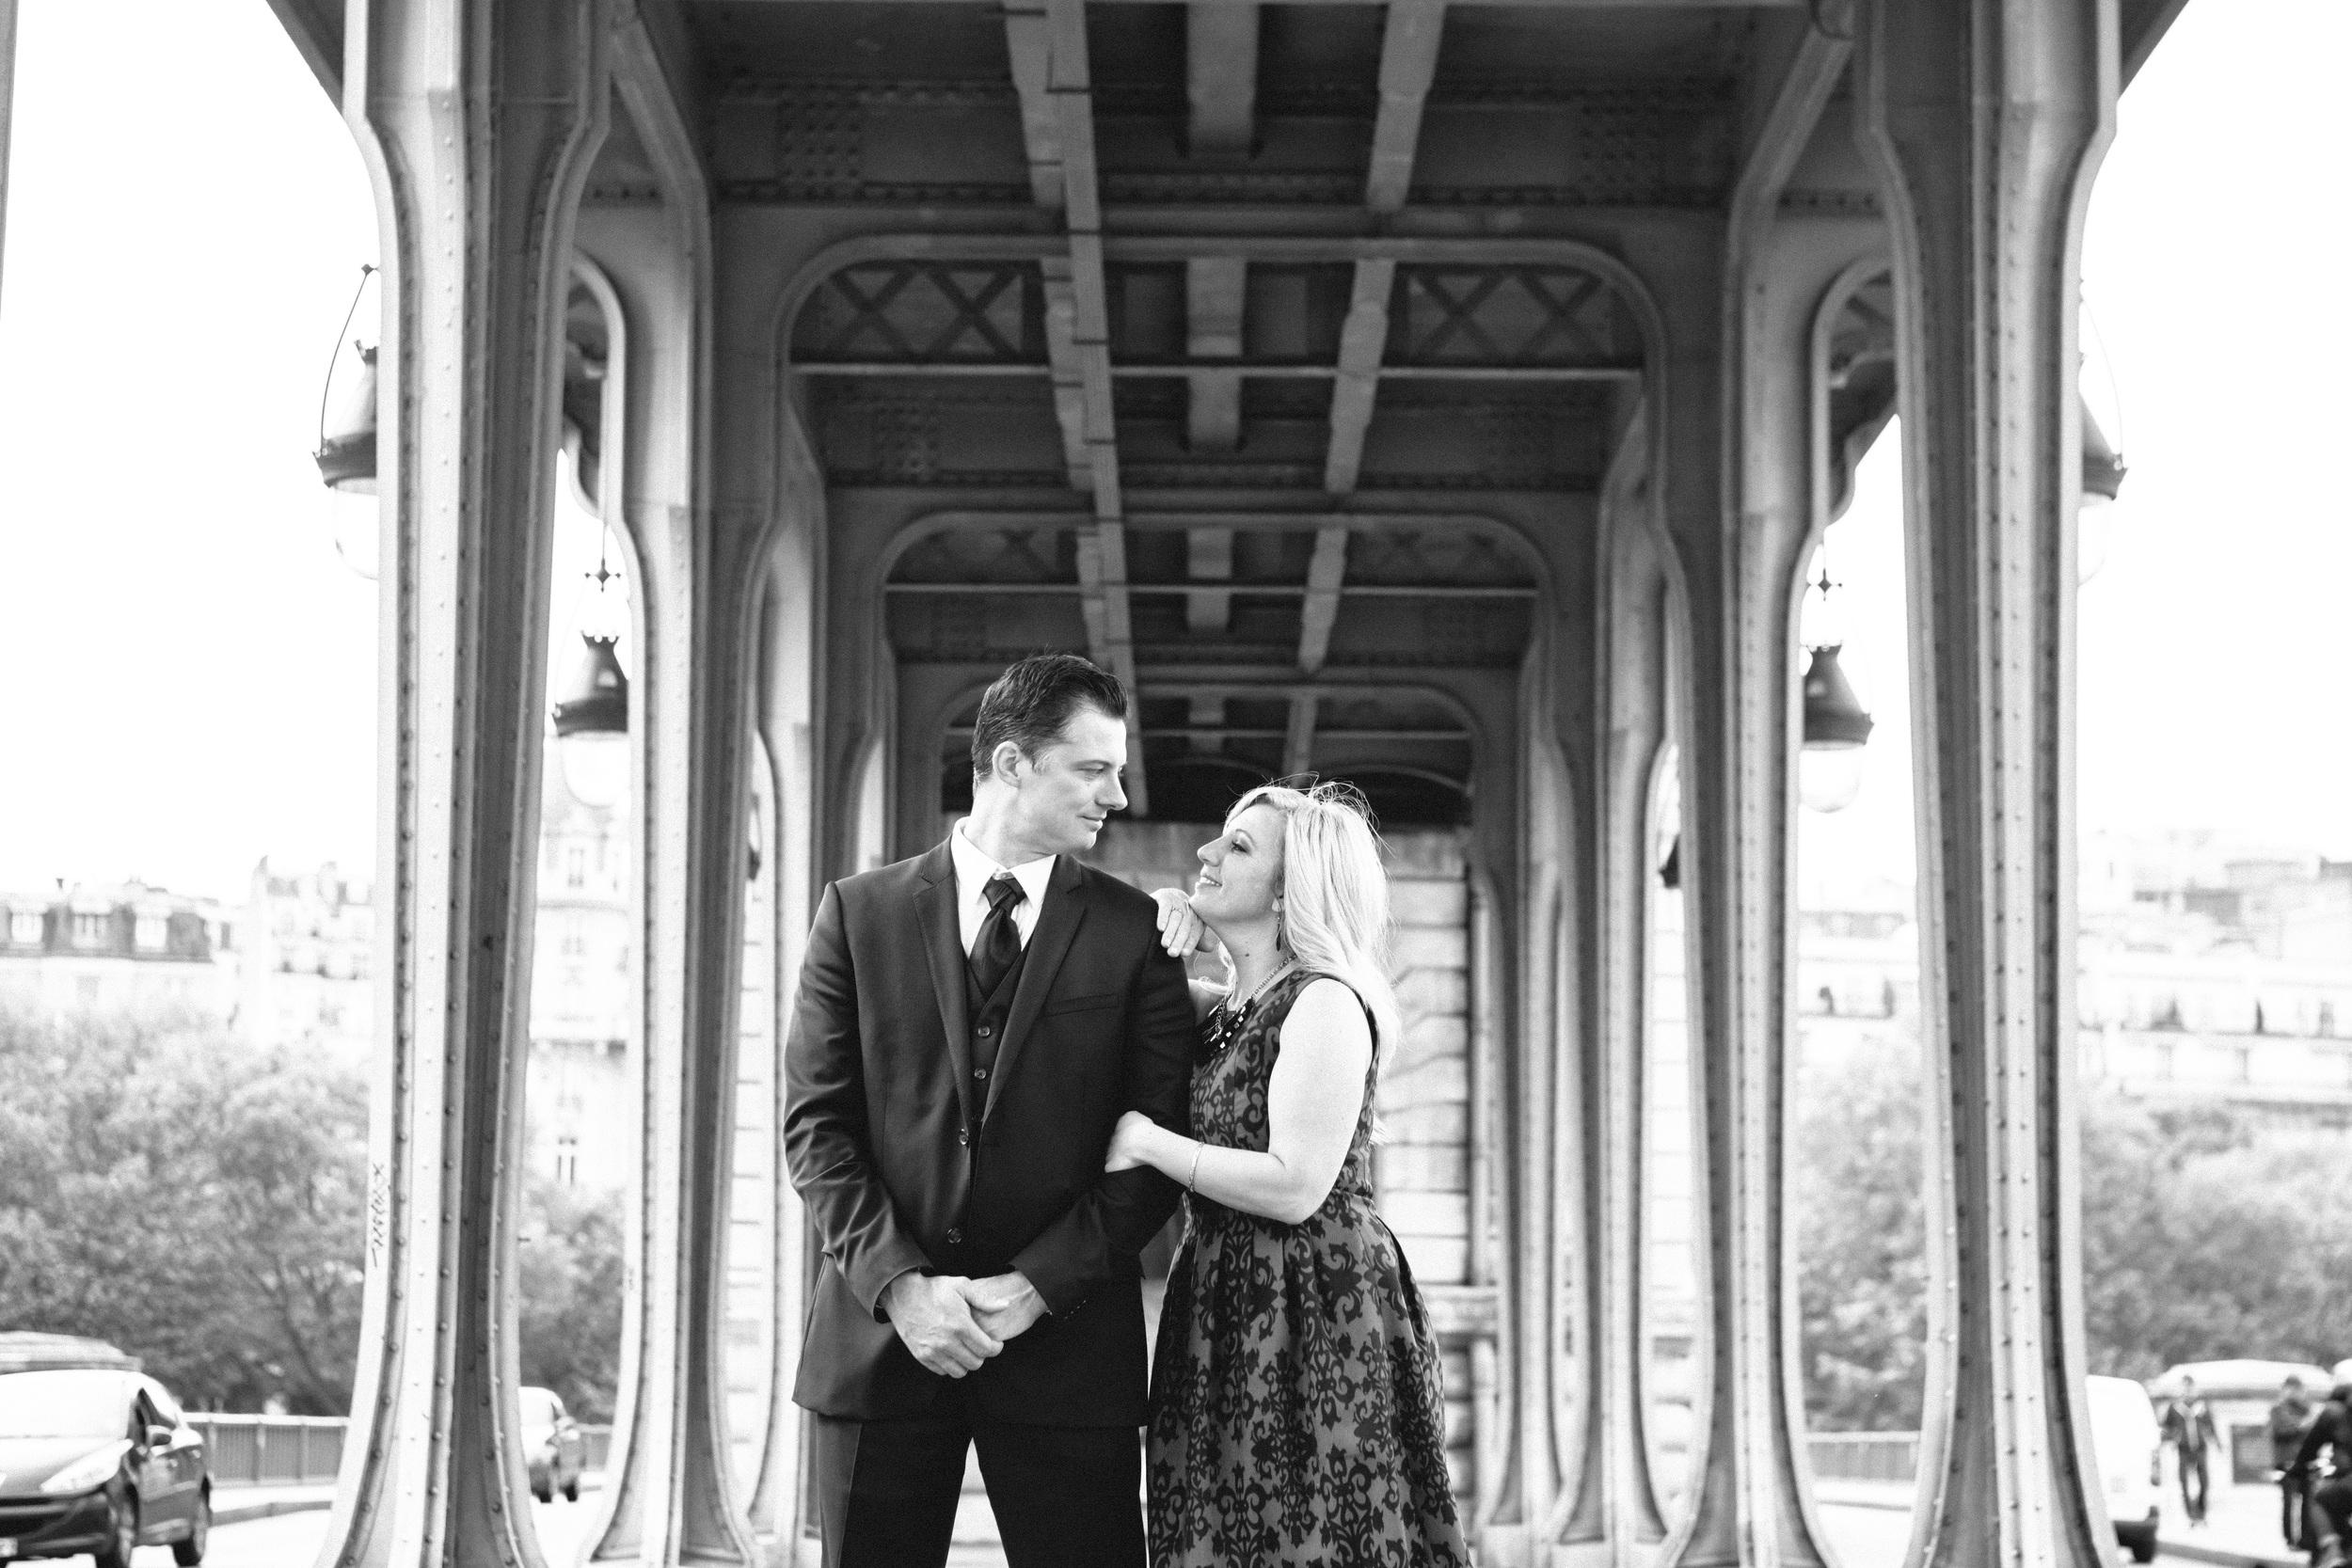 romantic engagement black and white couple portrait at bir hakeim bridge by paris photographer federico guendel